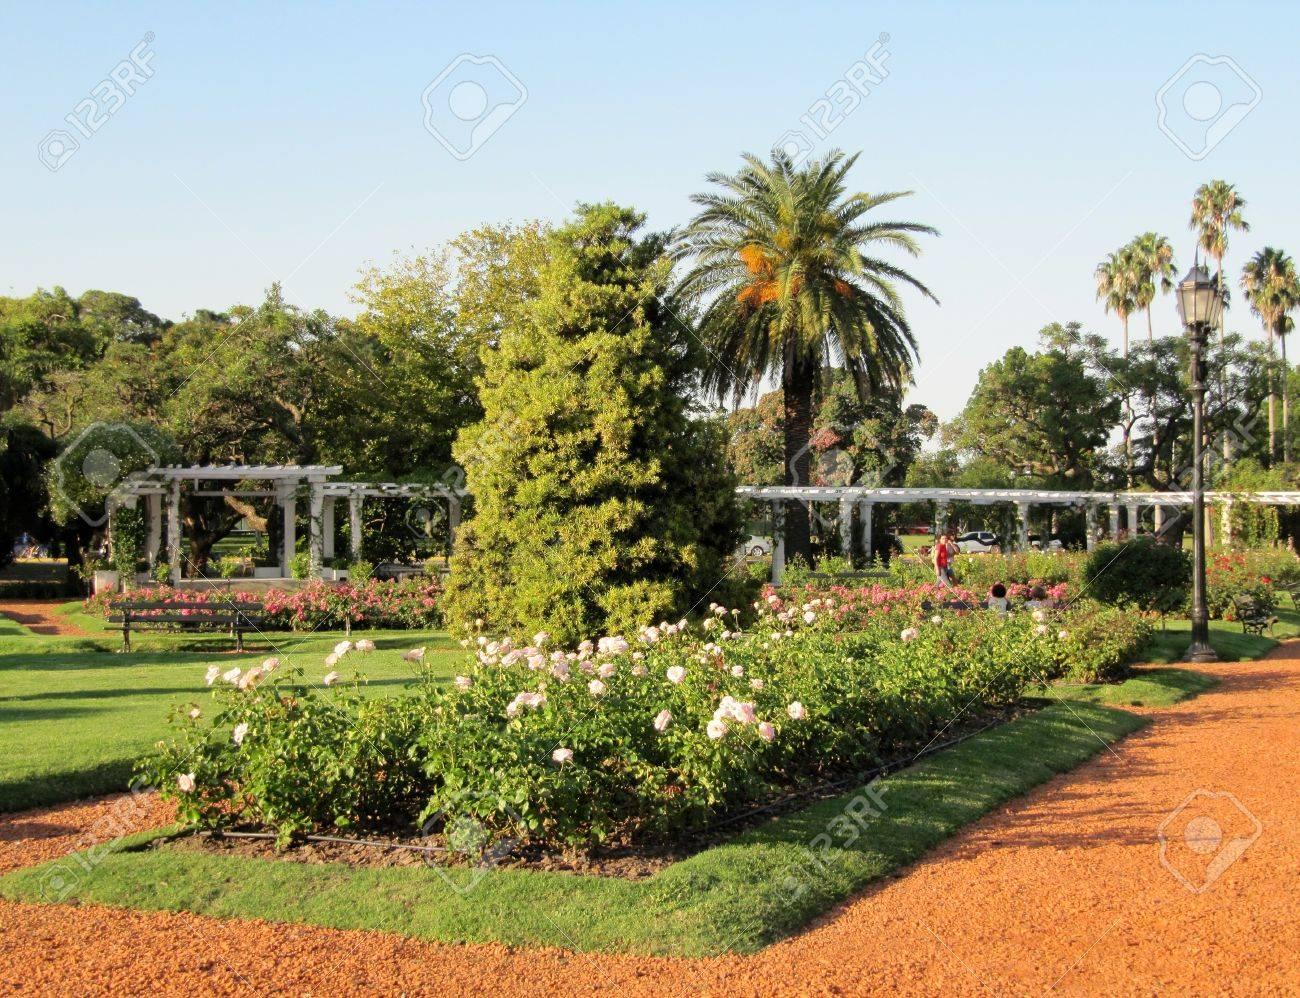 Splendidi giardini di rose in un paesaggio giornata di sole foto